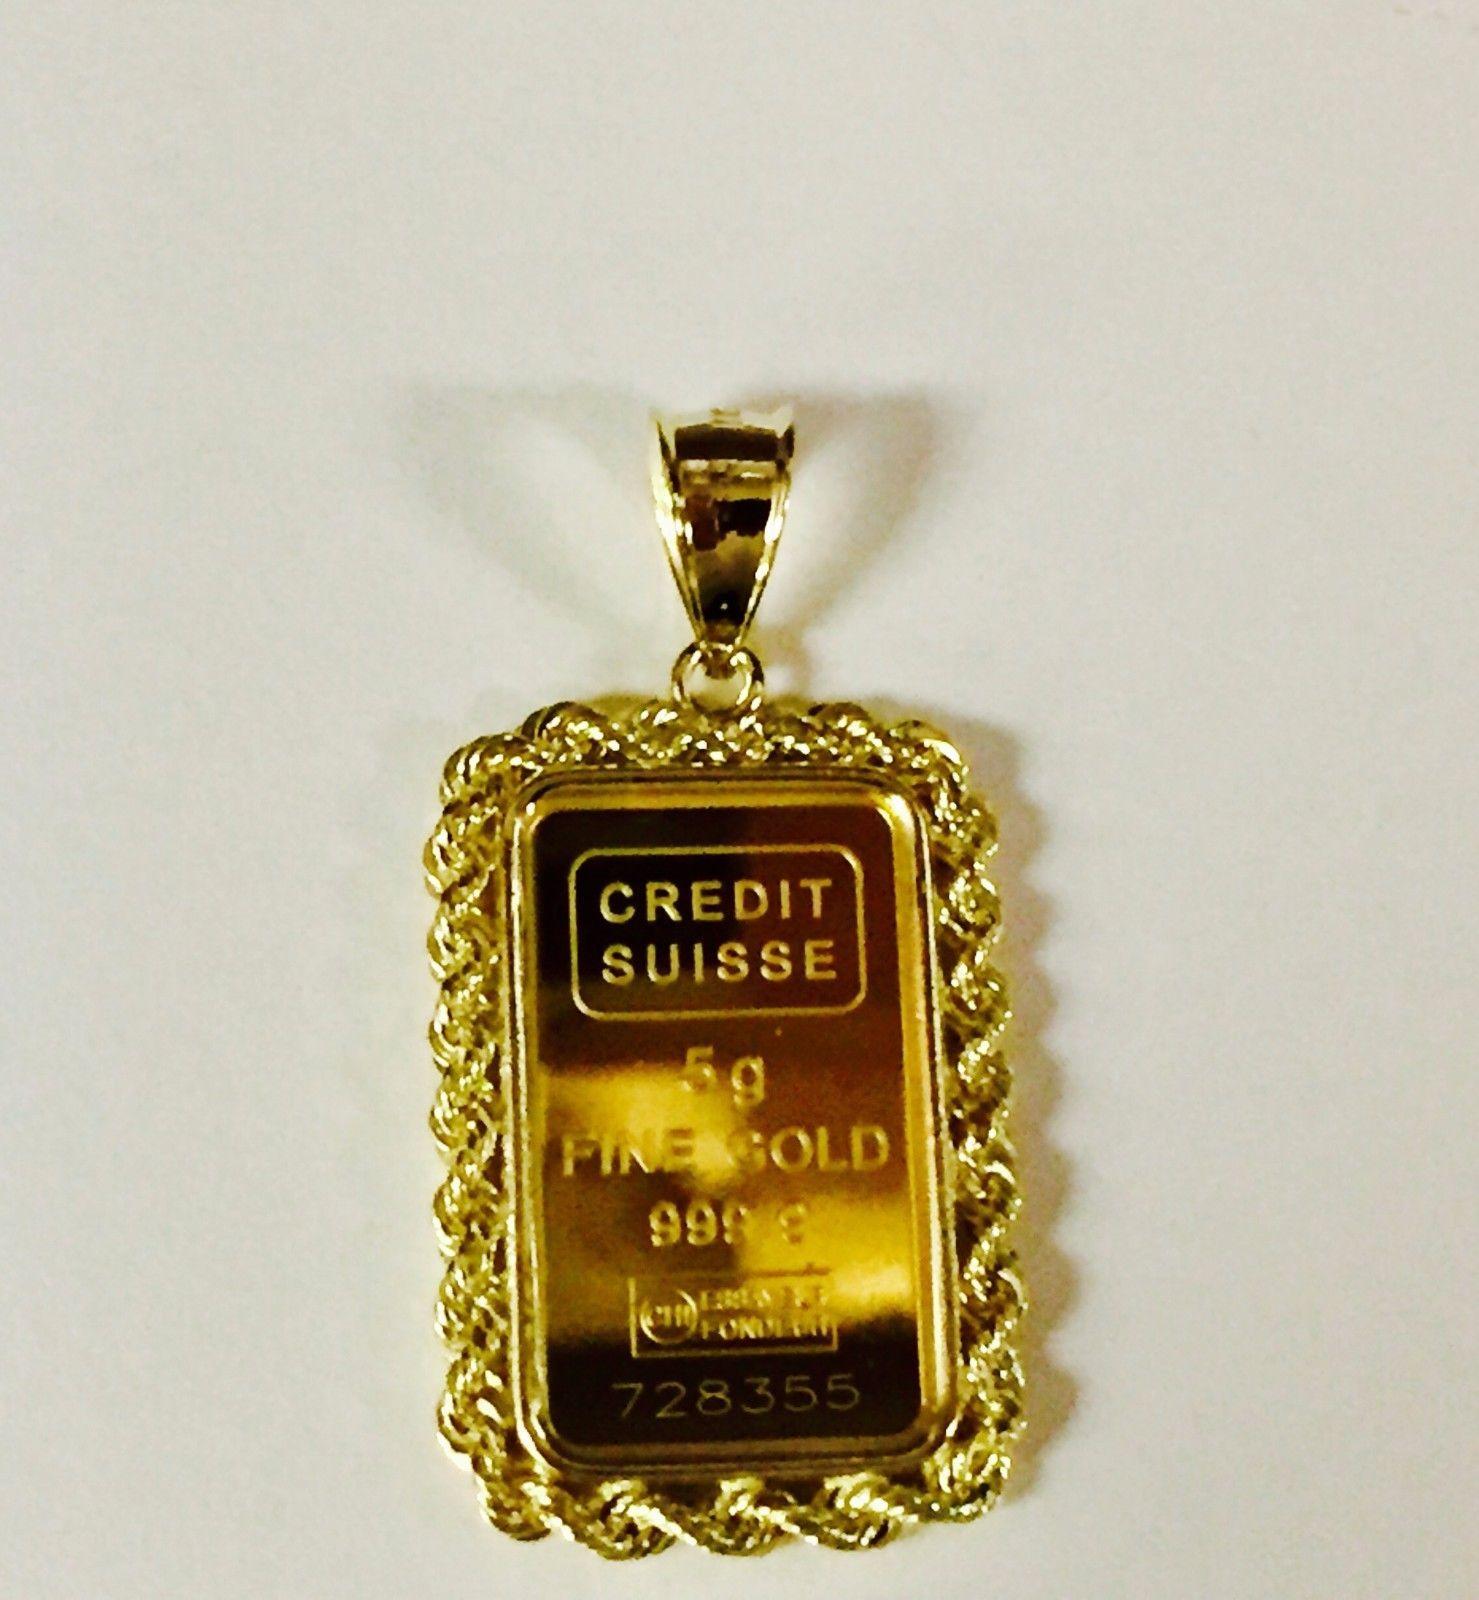 24k Fine Gold Credit Suisse 5gr Bullion Ingot 14k Framed Charm Rope Pendant Ingot Rope Pendant Gold